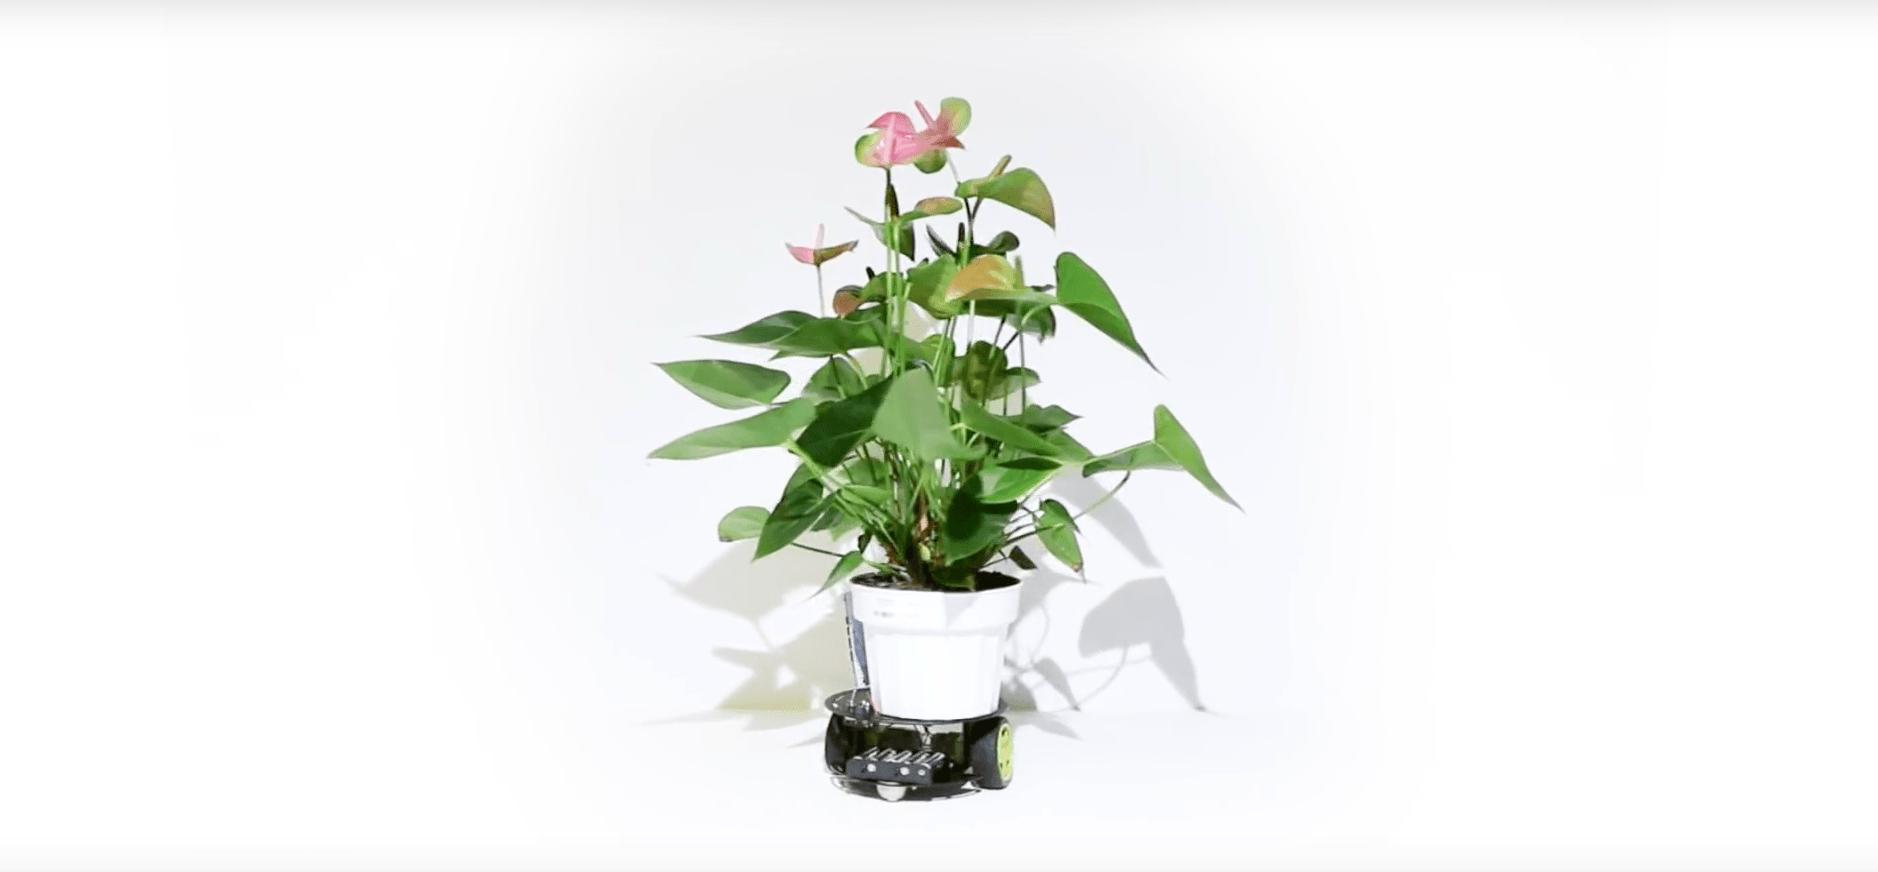 ce cyborg botanique permet une plante de se d placer. Black Bedroom Furniture Sets. Home Design Ideas